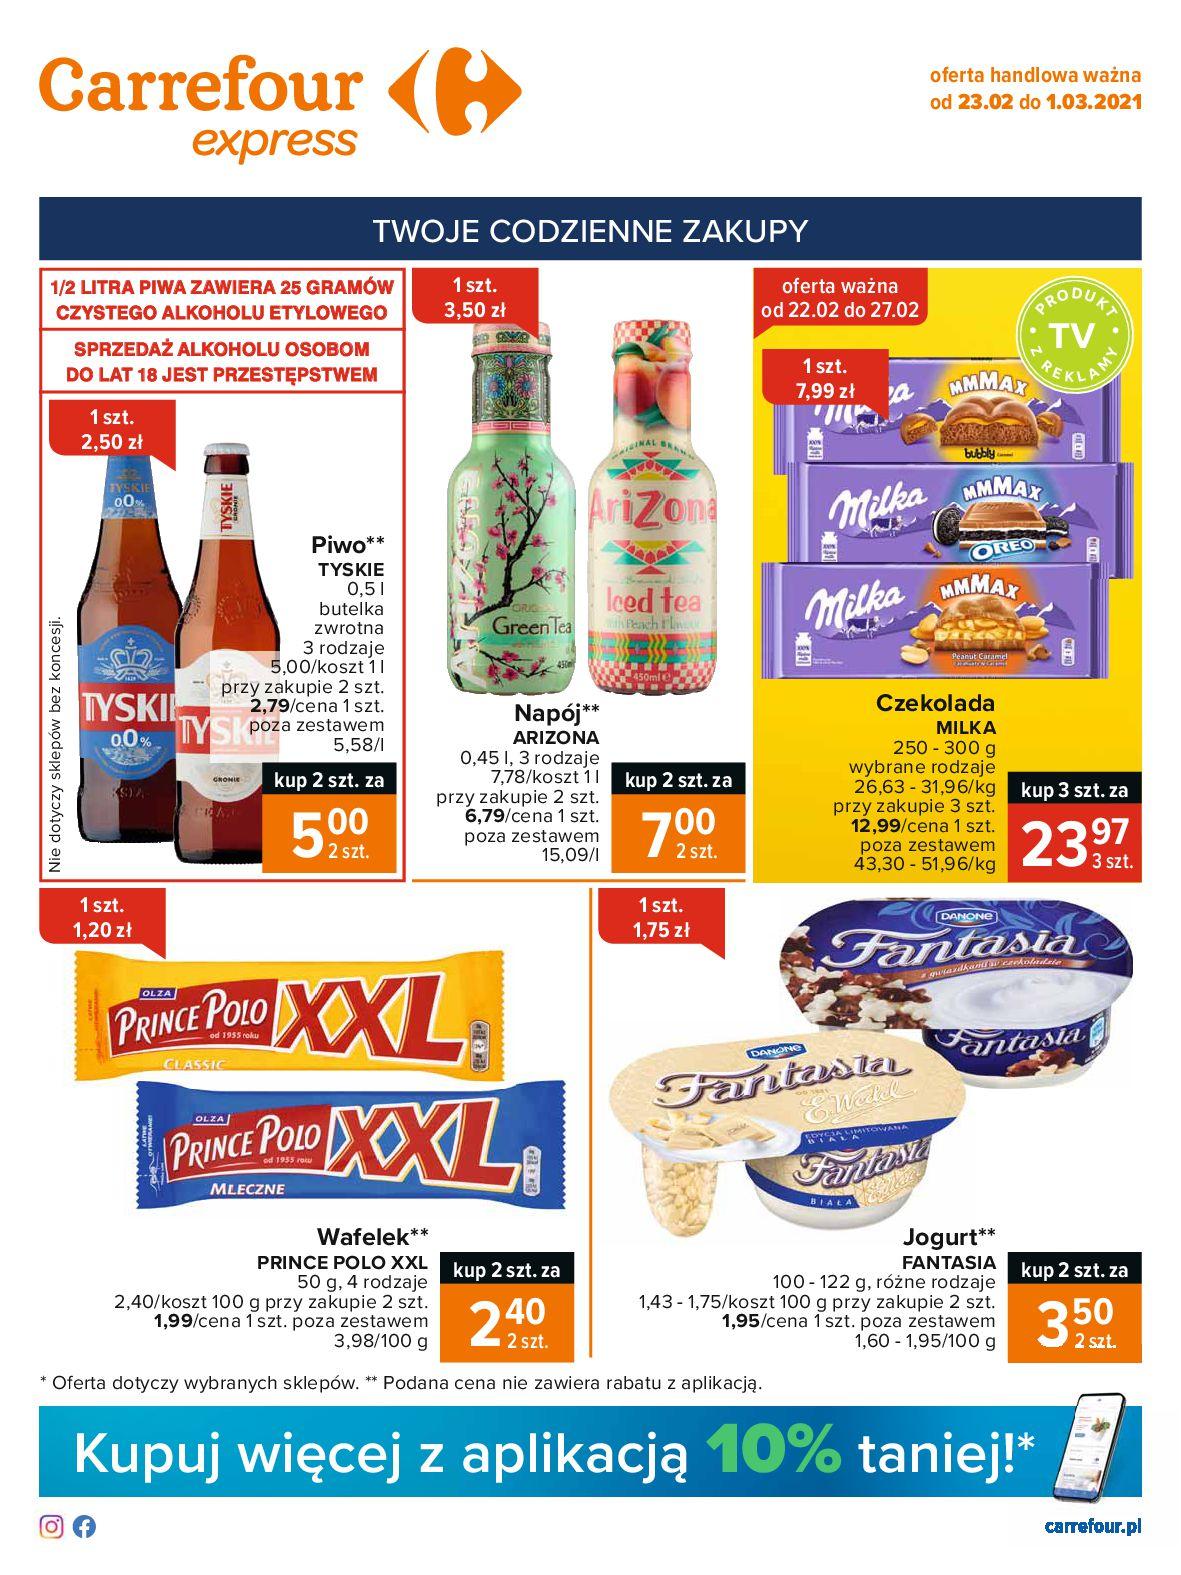 Gazetka Carrefour Express: Gazetka Express Pomarańczowa 2021-02-23 page-1